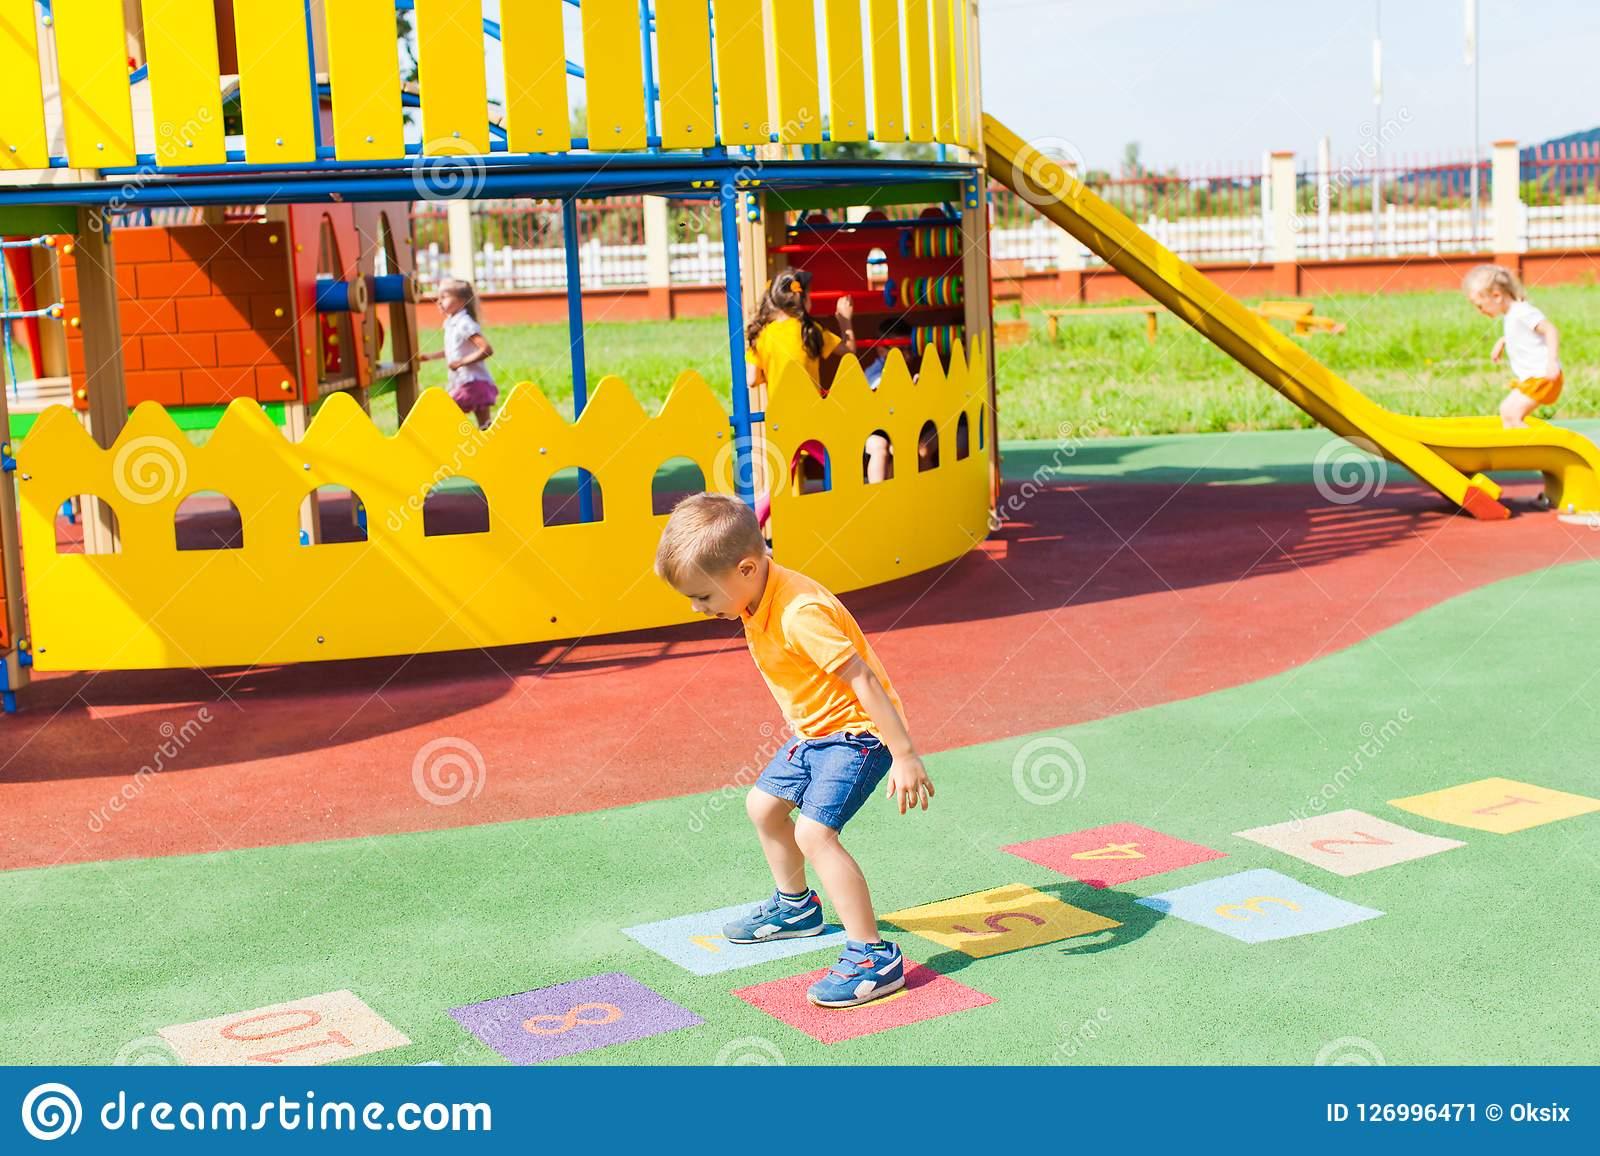 Folâtre Des Jeux Pour Des Enfants Pendant L'été Dehors Image dedans Jeux De Vetement Pour Garçon